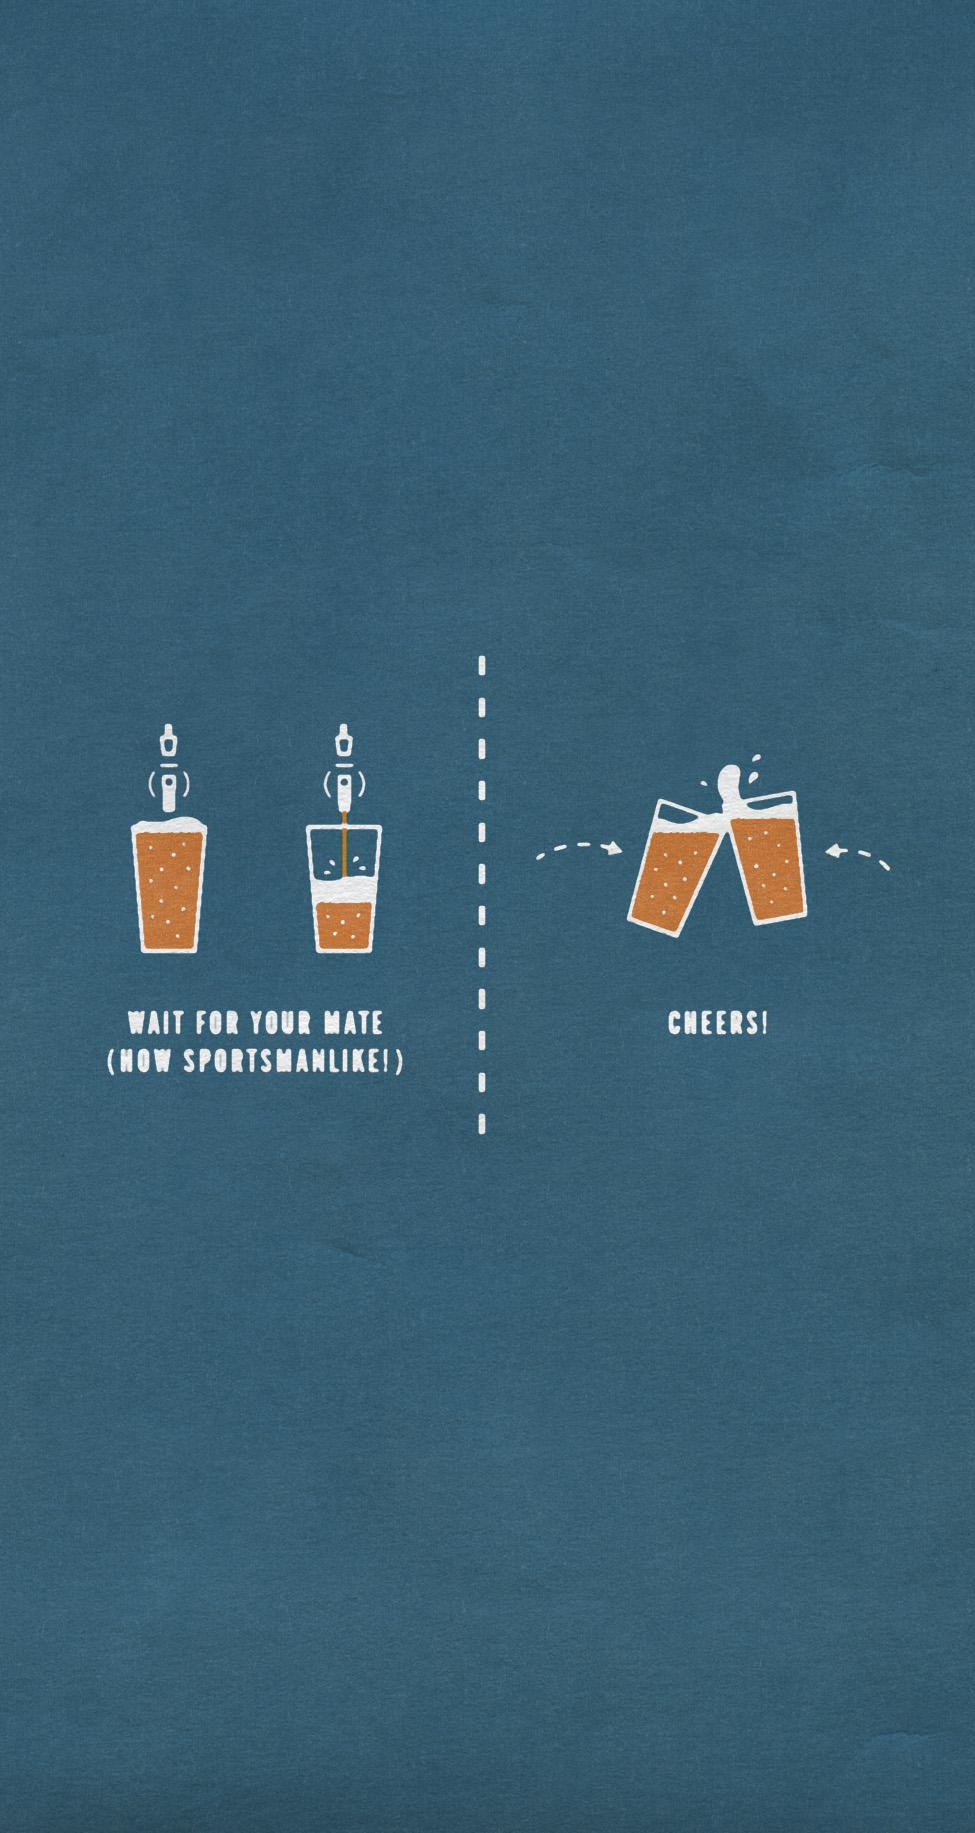 Pictograms_friends + cheers.jpg